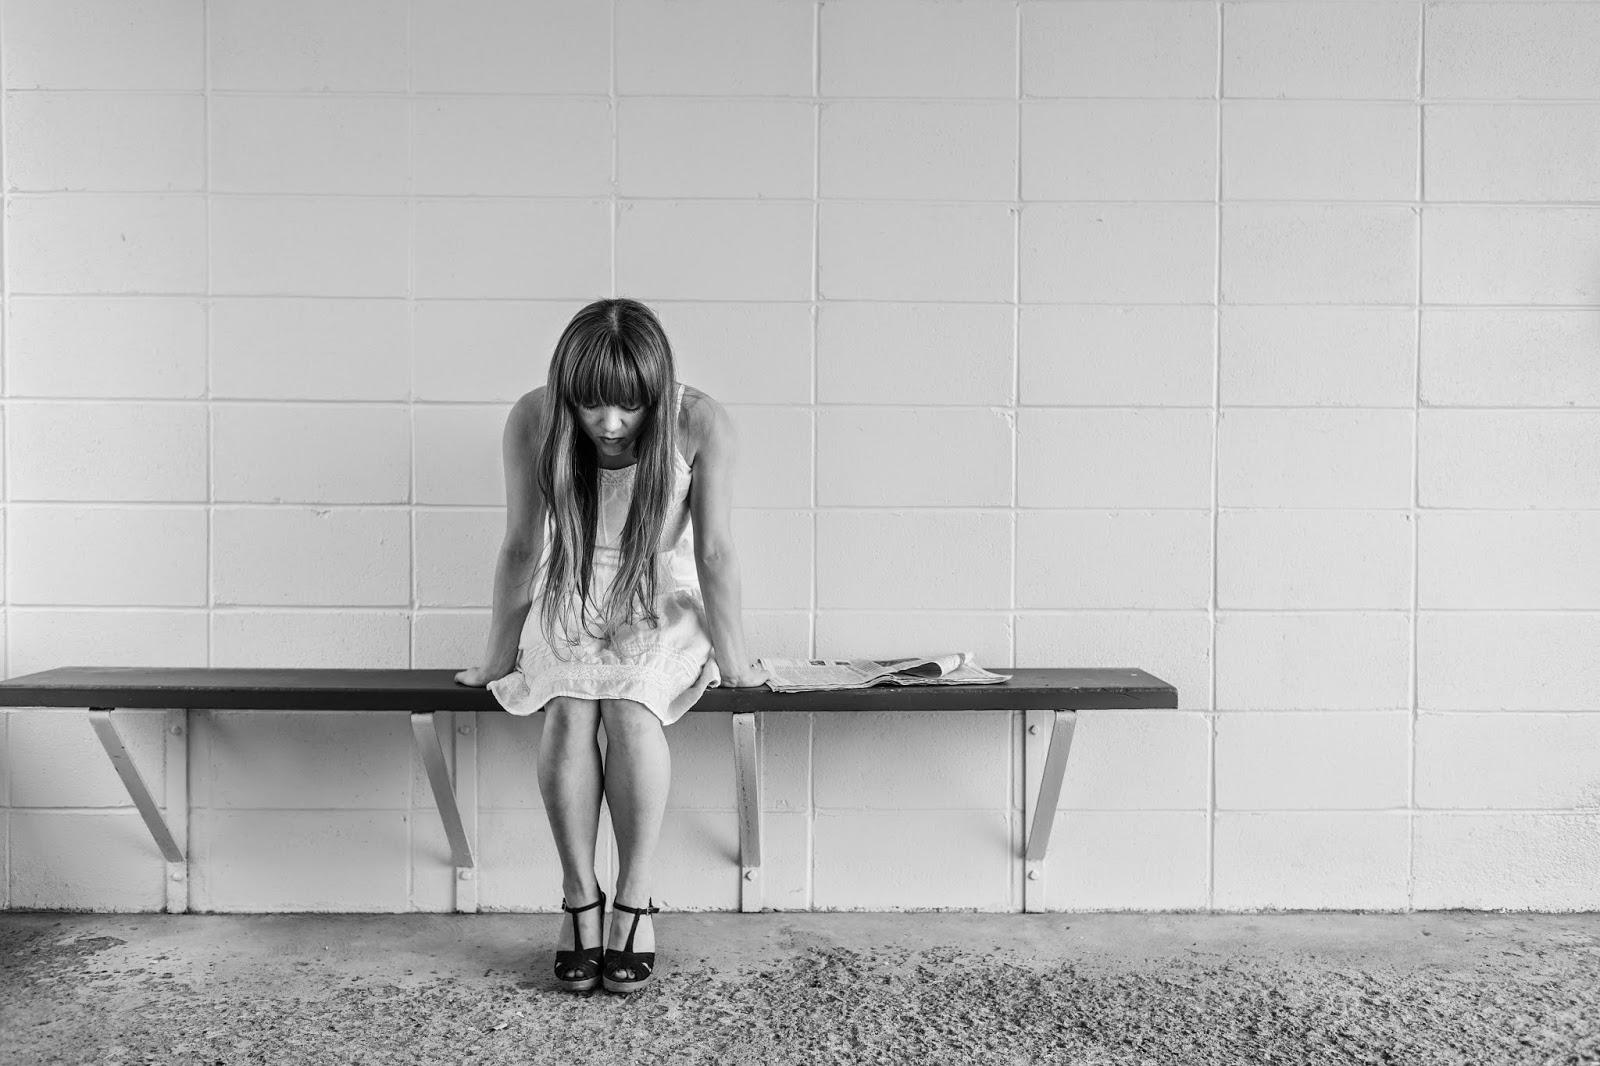 minha experiência com antidepressivos